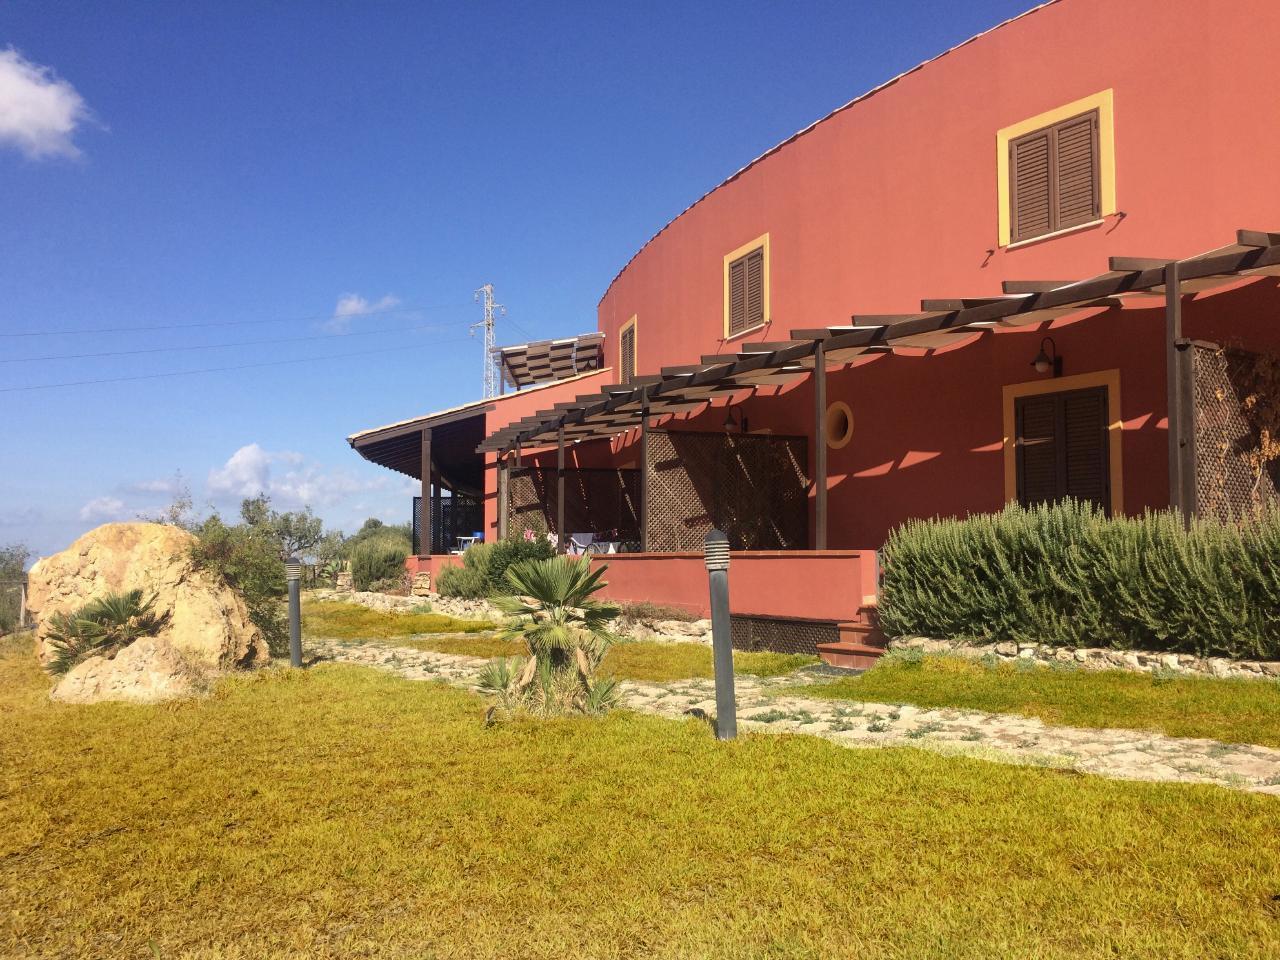 Ferienhaus Ferienwohnungen (405224), Sciacca, Agrigento, Sizilien, Italien, Bild 19